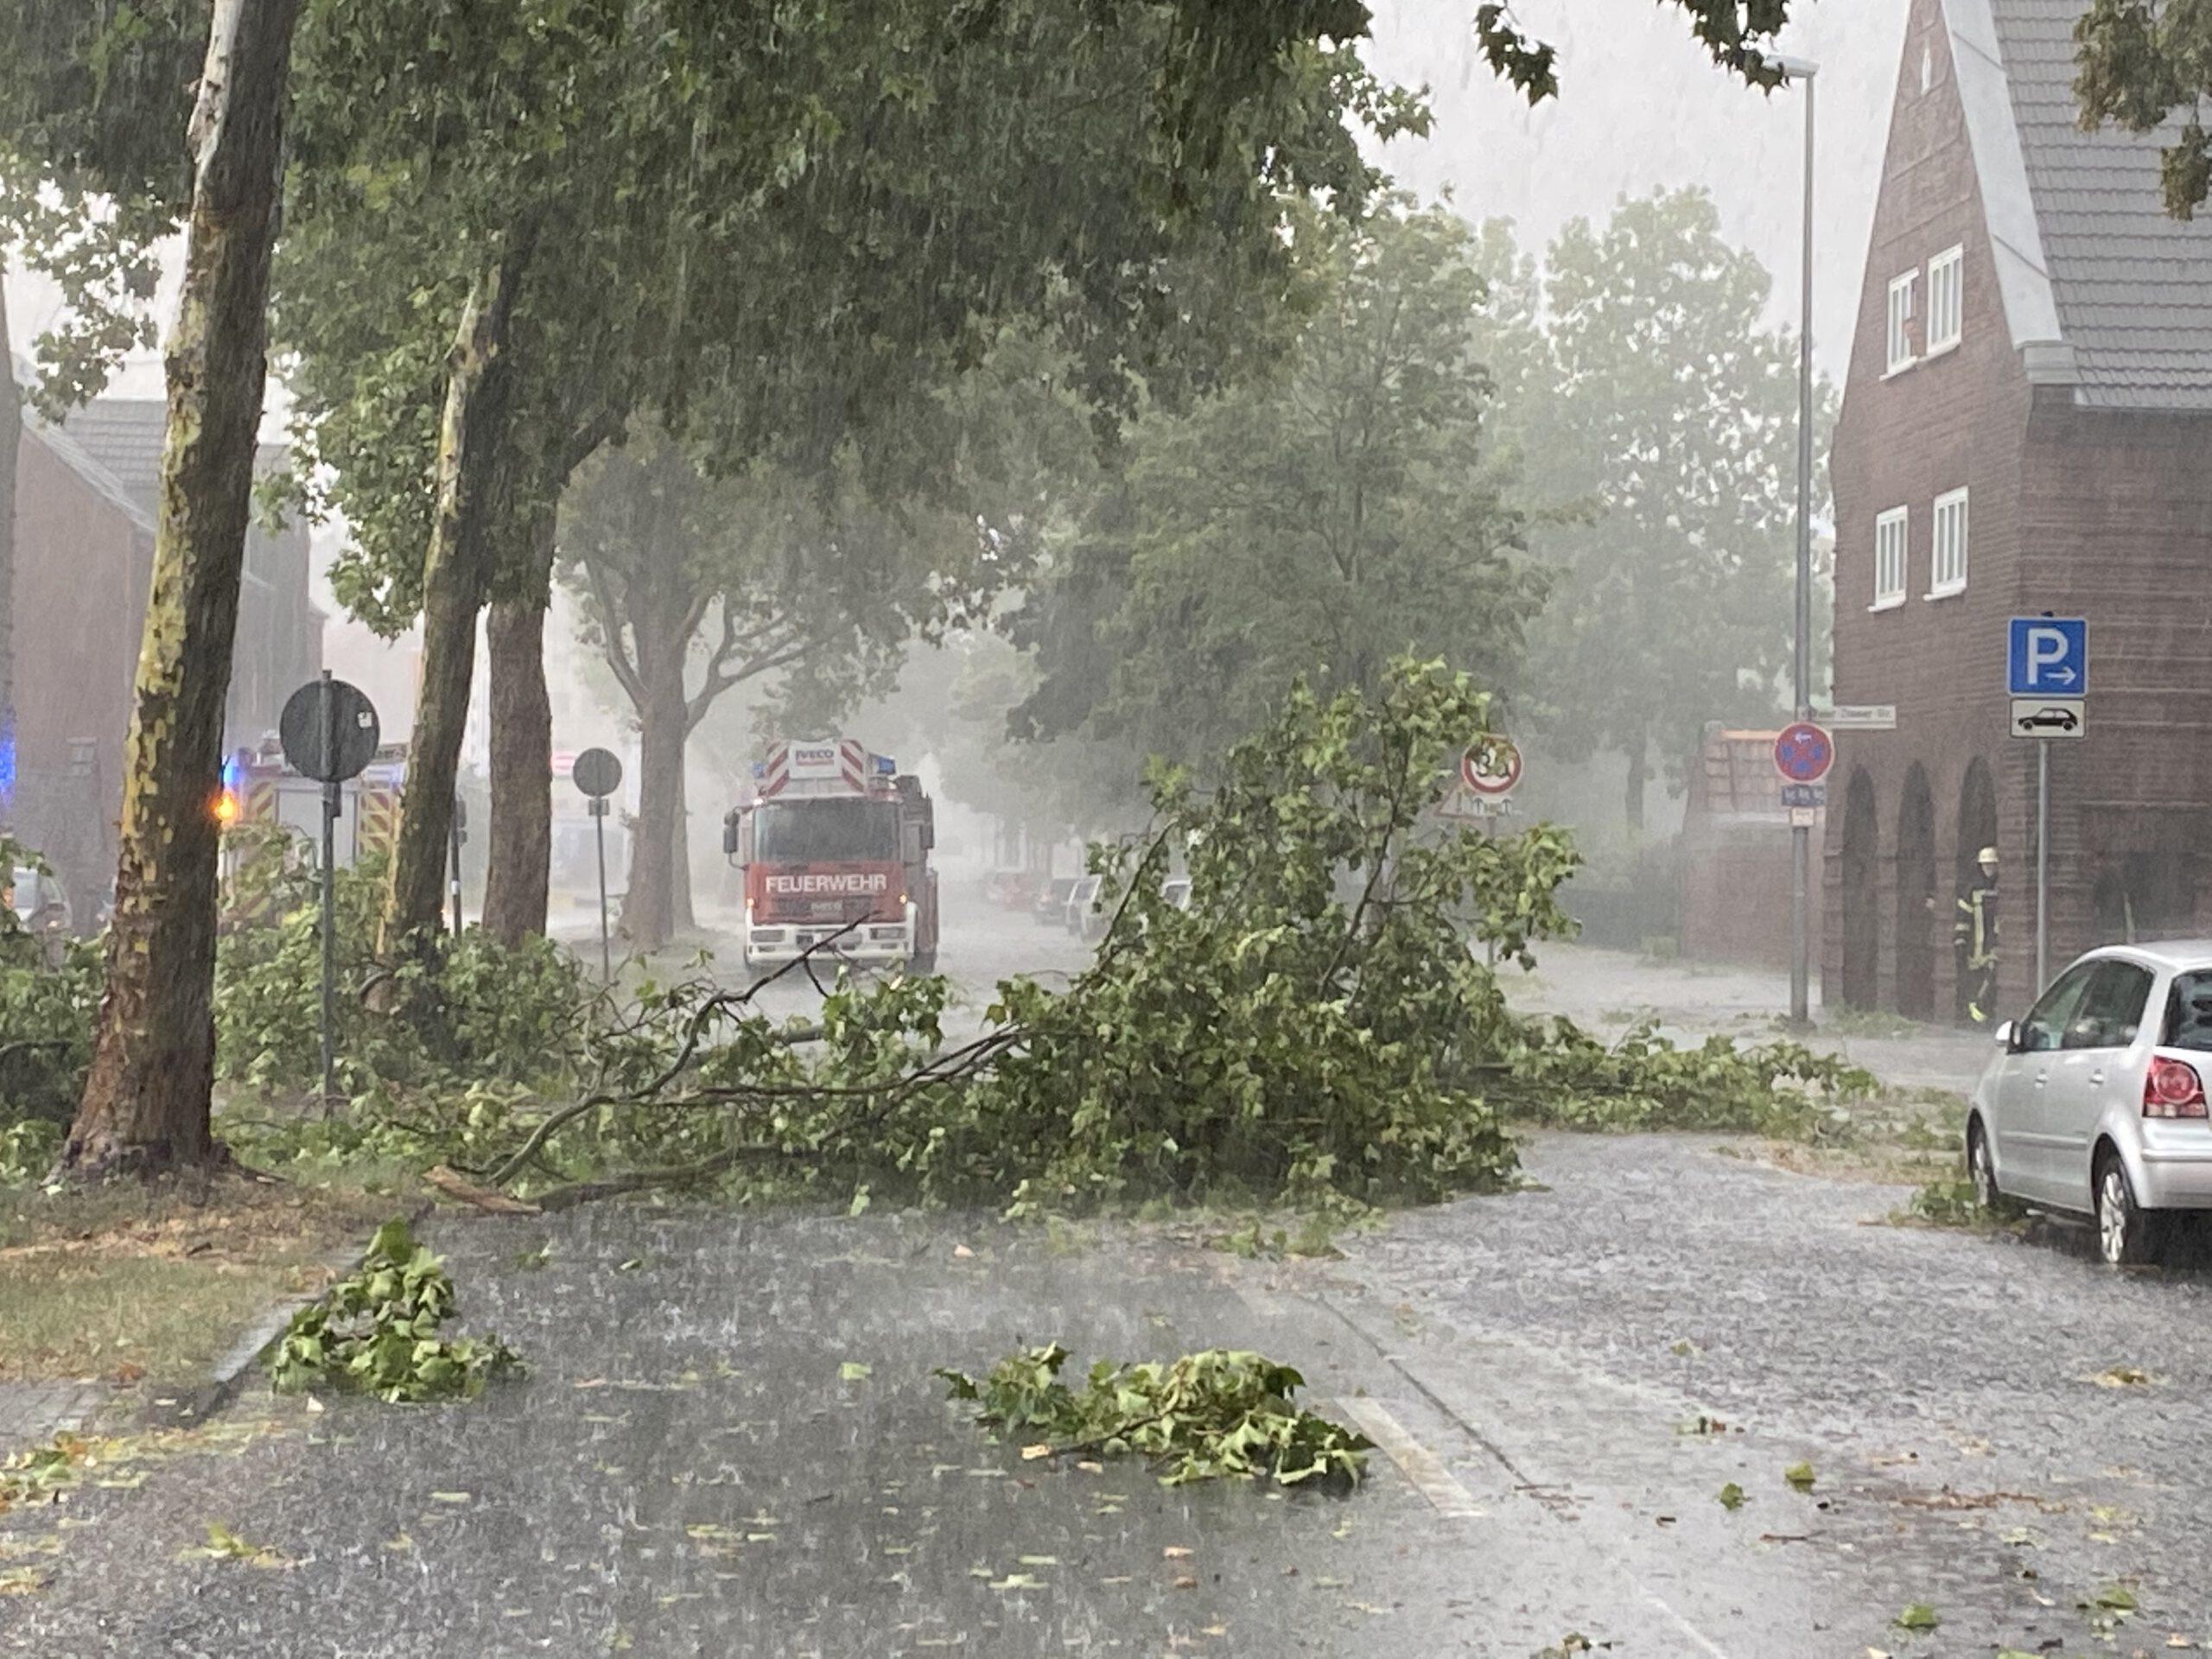 Gewitter entlädt sich über Moers – 200 Einsätze für die Feuerwehr